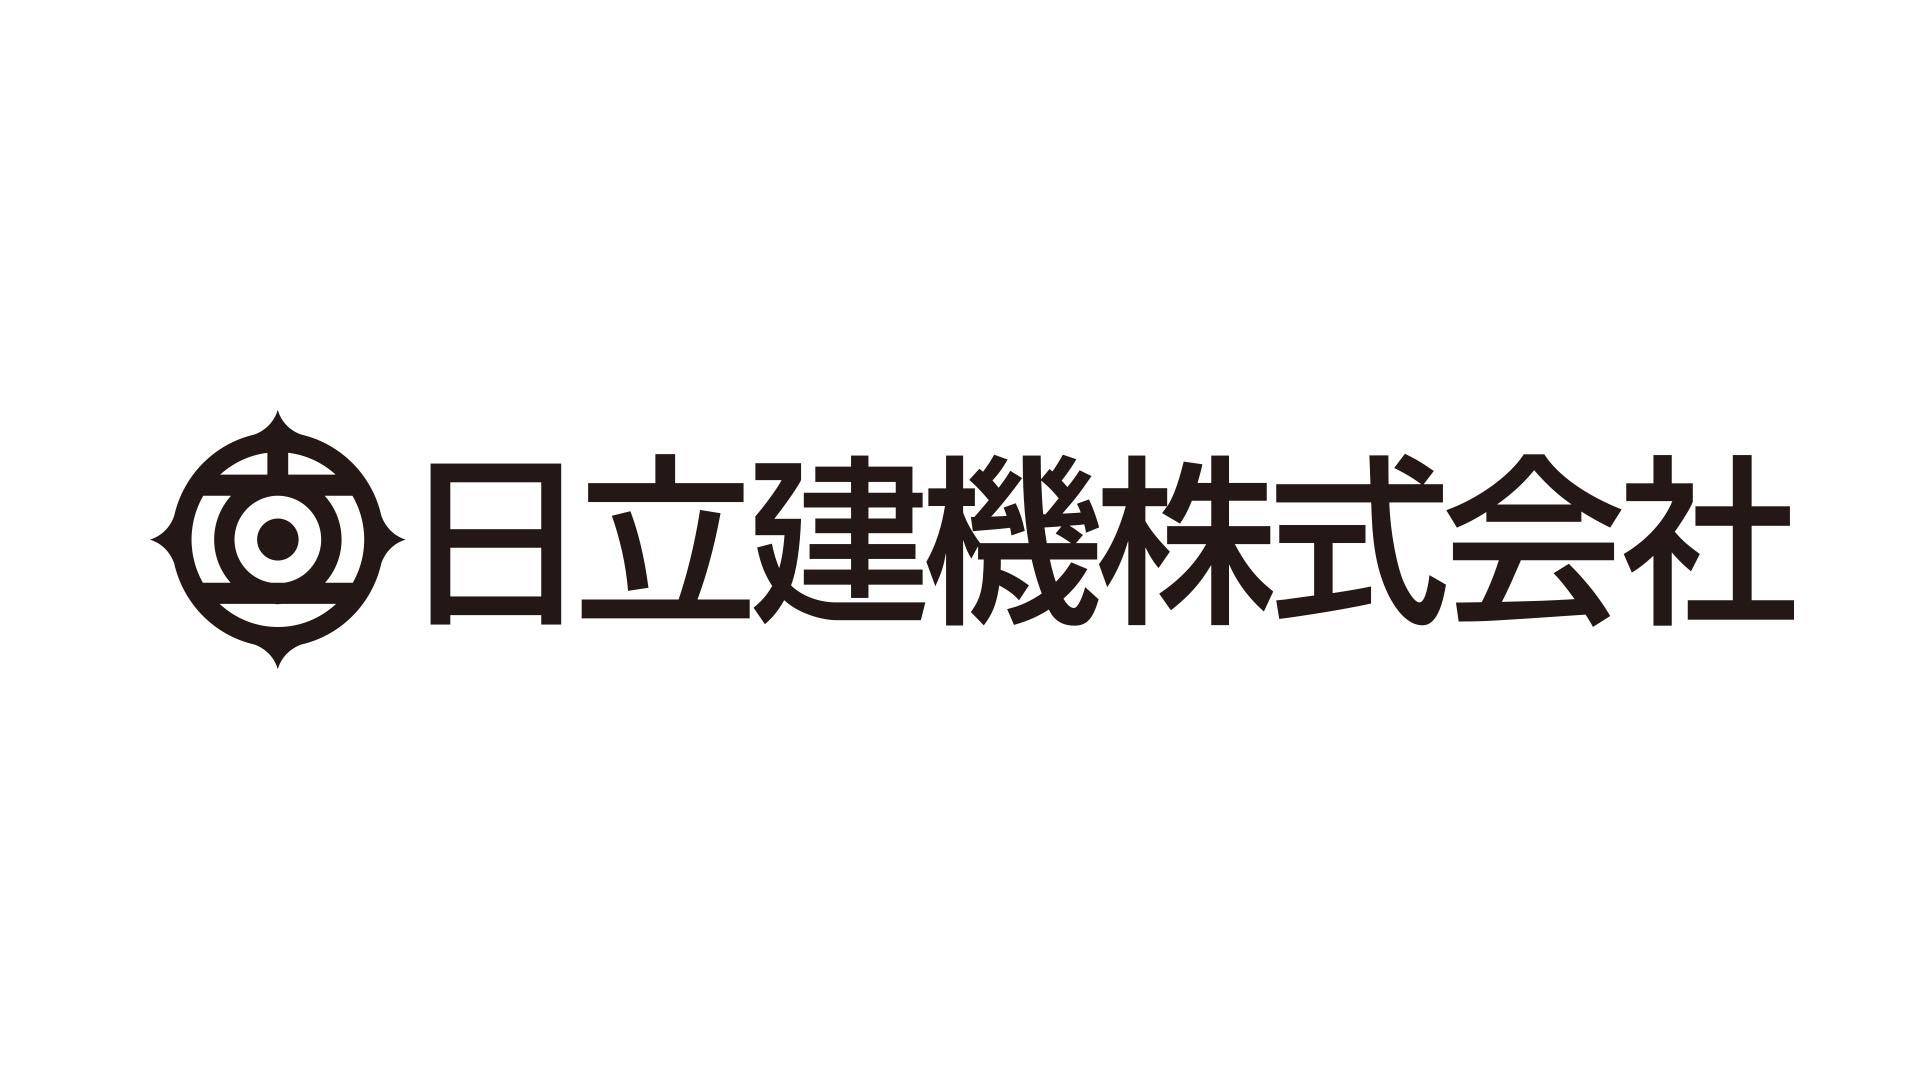 日立建機株式会社